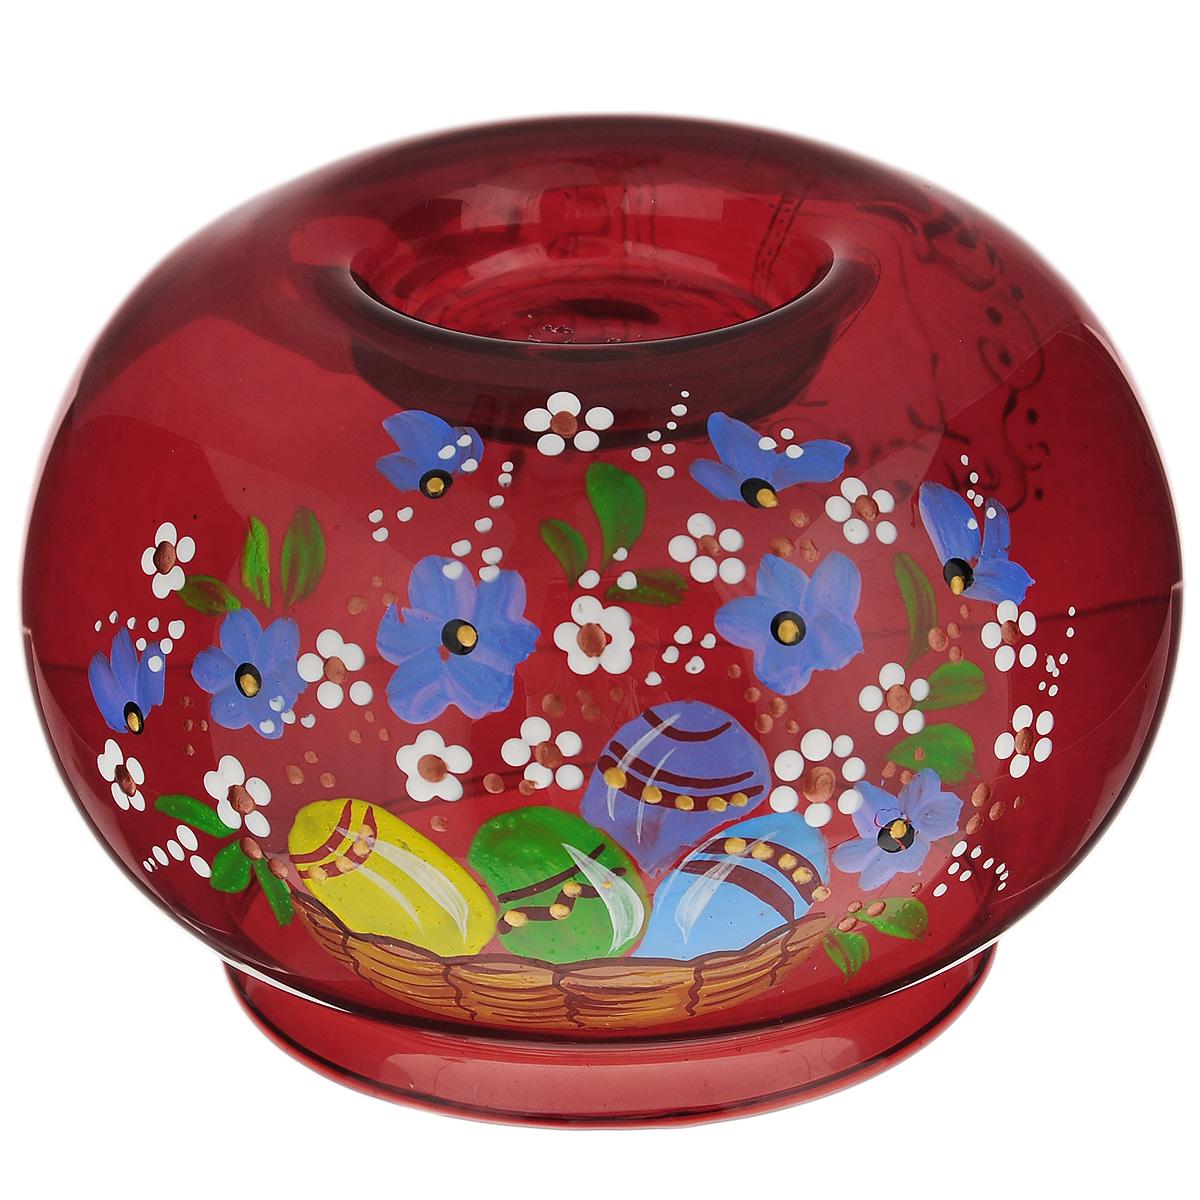 Подсвечник Sima-land Пасха-2, цвет: красный. 196292FS-80299Подсвечник Sima-land Пасха-2 идеально подойдет для праздничного оформления дома. Подсвечник выполнен из стекла красного цвета и украшен пасхальным рисунком. В центр изделия помещается свеча-таблетка (не входит в комплект). Зажгите свечку, поставьте ее в подсвечник и наслаждайтесь теплом, которое наполнит ваше сердце. Пасхальный декоративный подсвечник украсит интерьер вашего дома. Оригинальный дизайн и красочное исполнение создадут праздничное настроение. Кроме того, это отличный вариант подарка для ваших близких и друзей. Размер подсвечника: 11 см х 11 см х 7,5 см. Диаметр отверстия для свечи: 7,5 см.